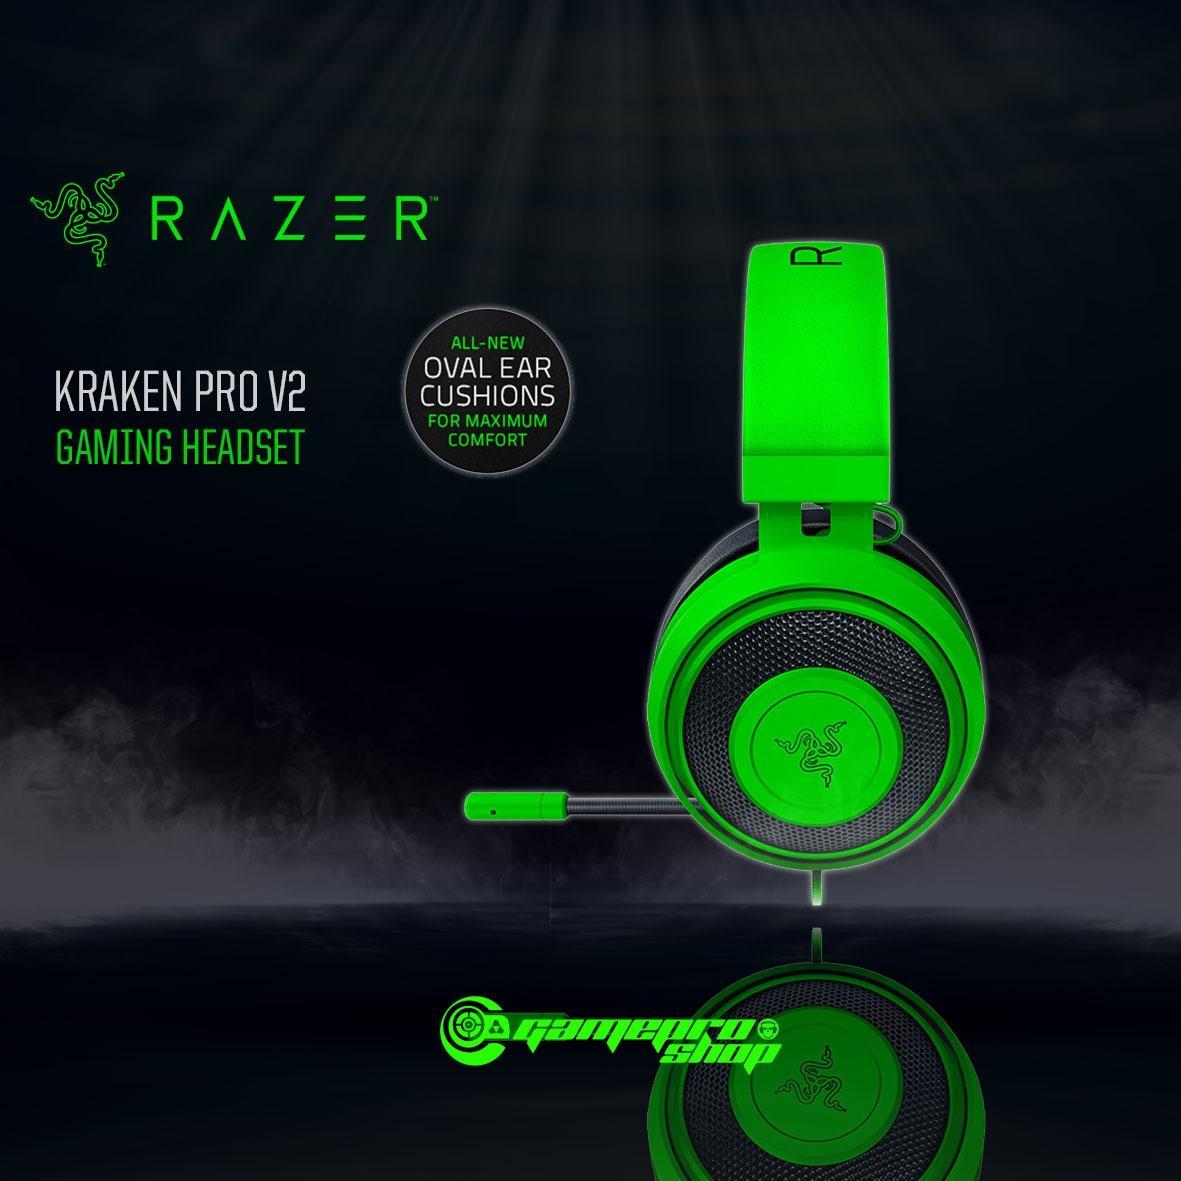 Razer Kraken PRO V2 Gaming Headset – GREEN (OVAL EAR CUSHIONS) *10.10 PROMO*